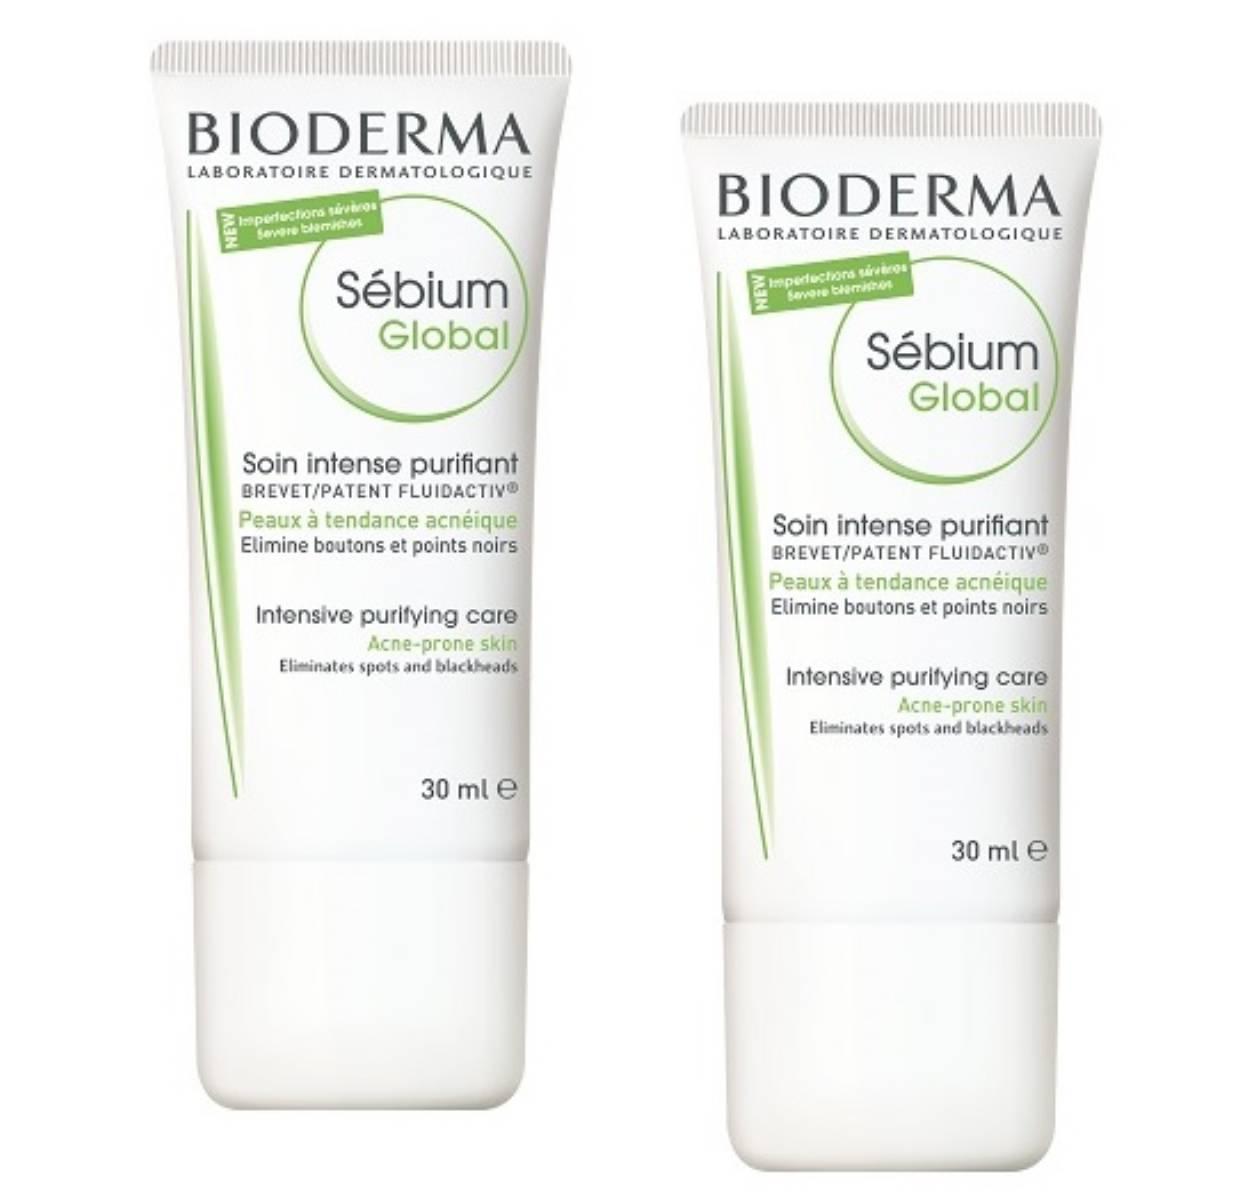 BIODERMA - krem Sebium Global